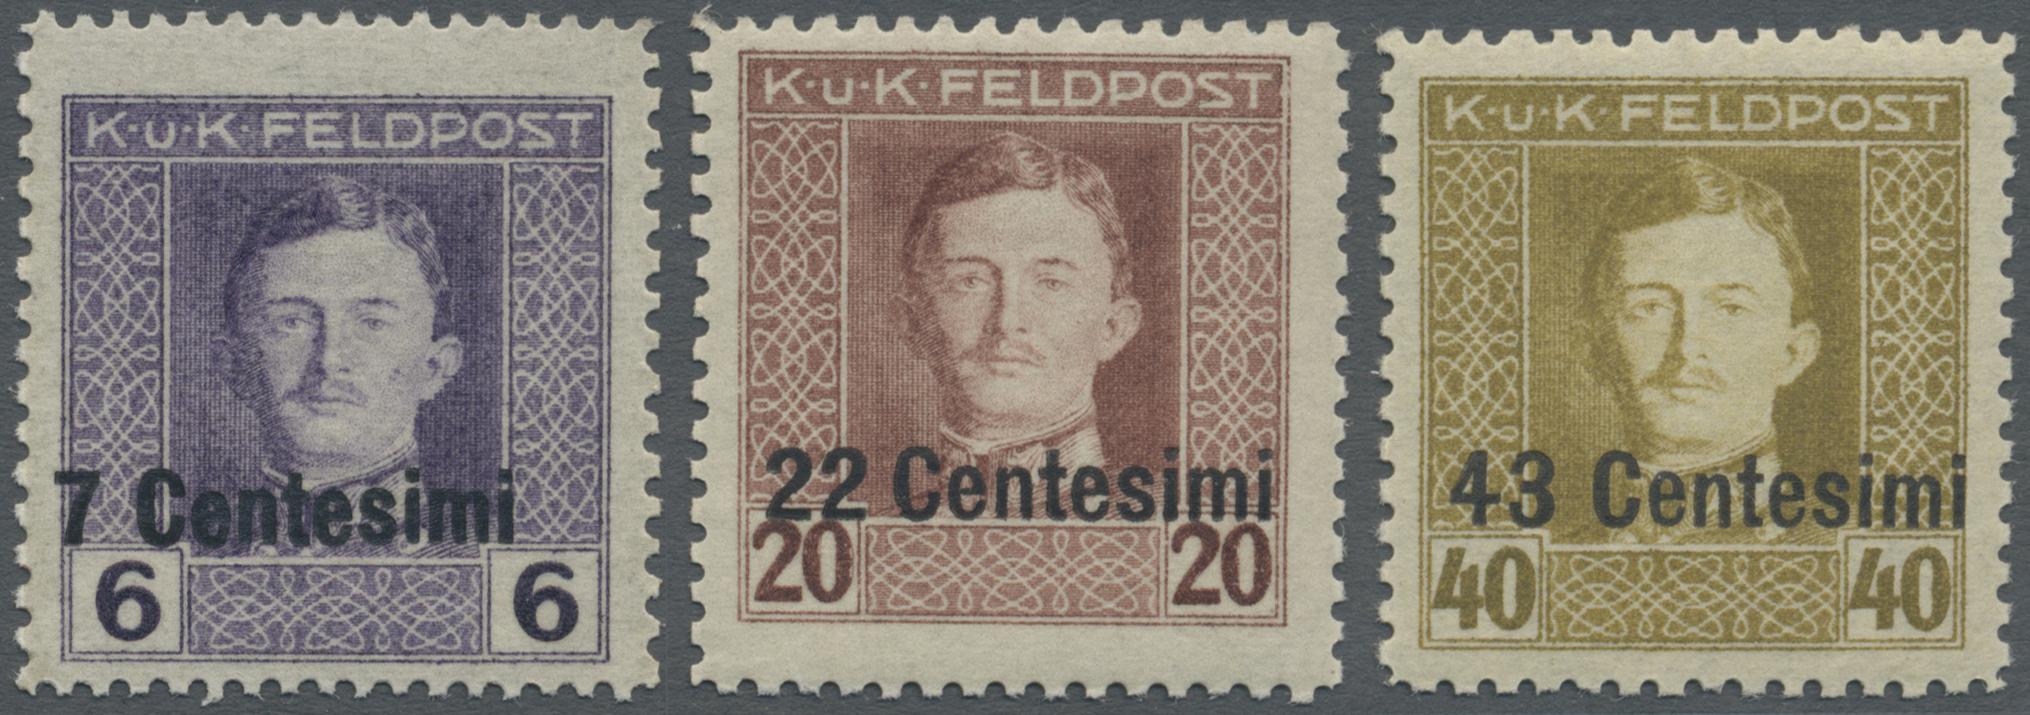 Lot 18205 - Österreichisch-Ungarische Feldpost - Italien  -  Auktionshaus Christoph Gärtner GmbH & Co. KG Single lots Philately Overseas & Europe. Auction #39 Day 4